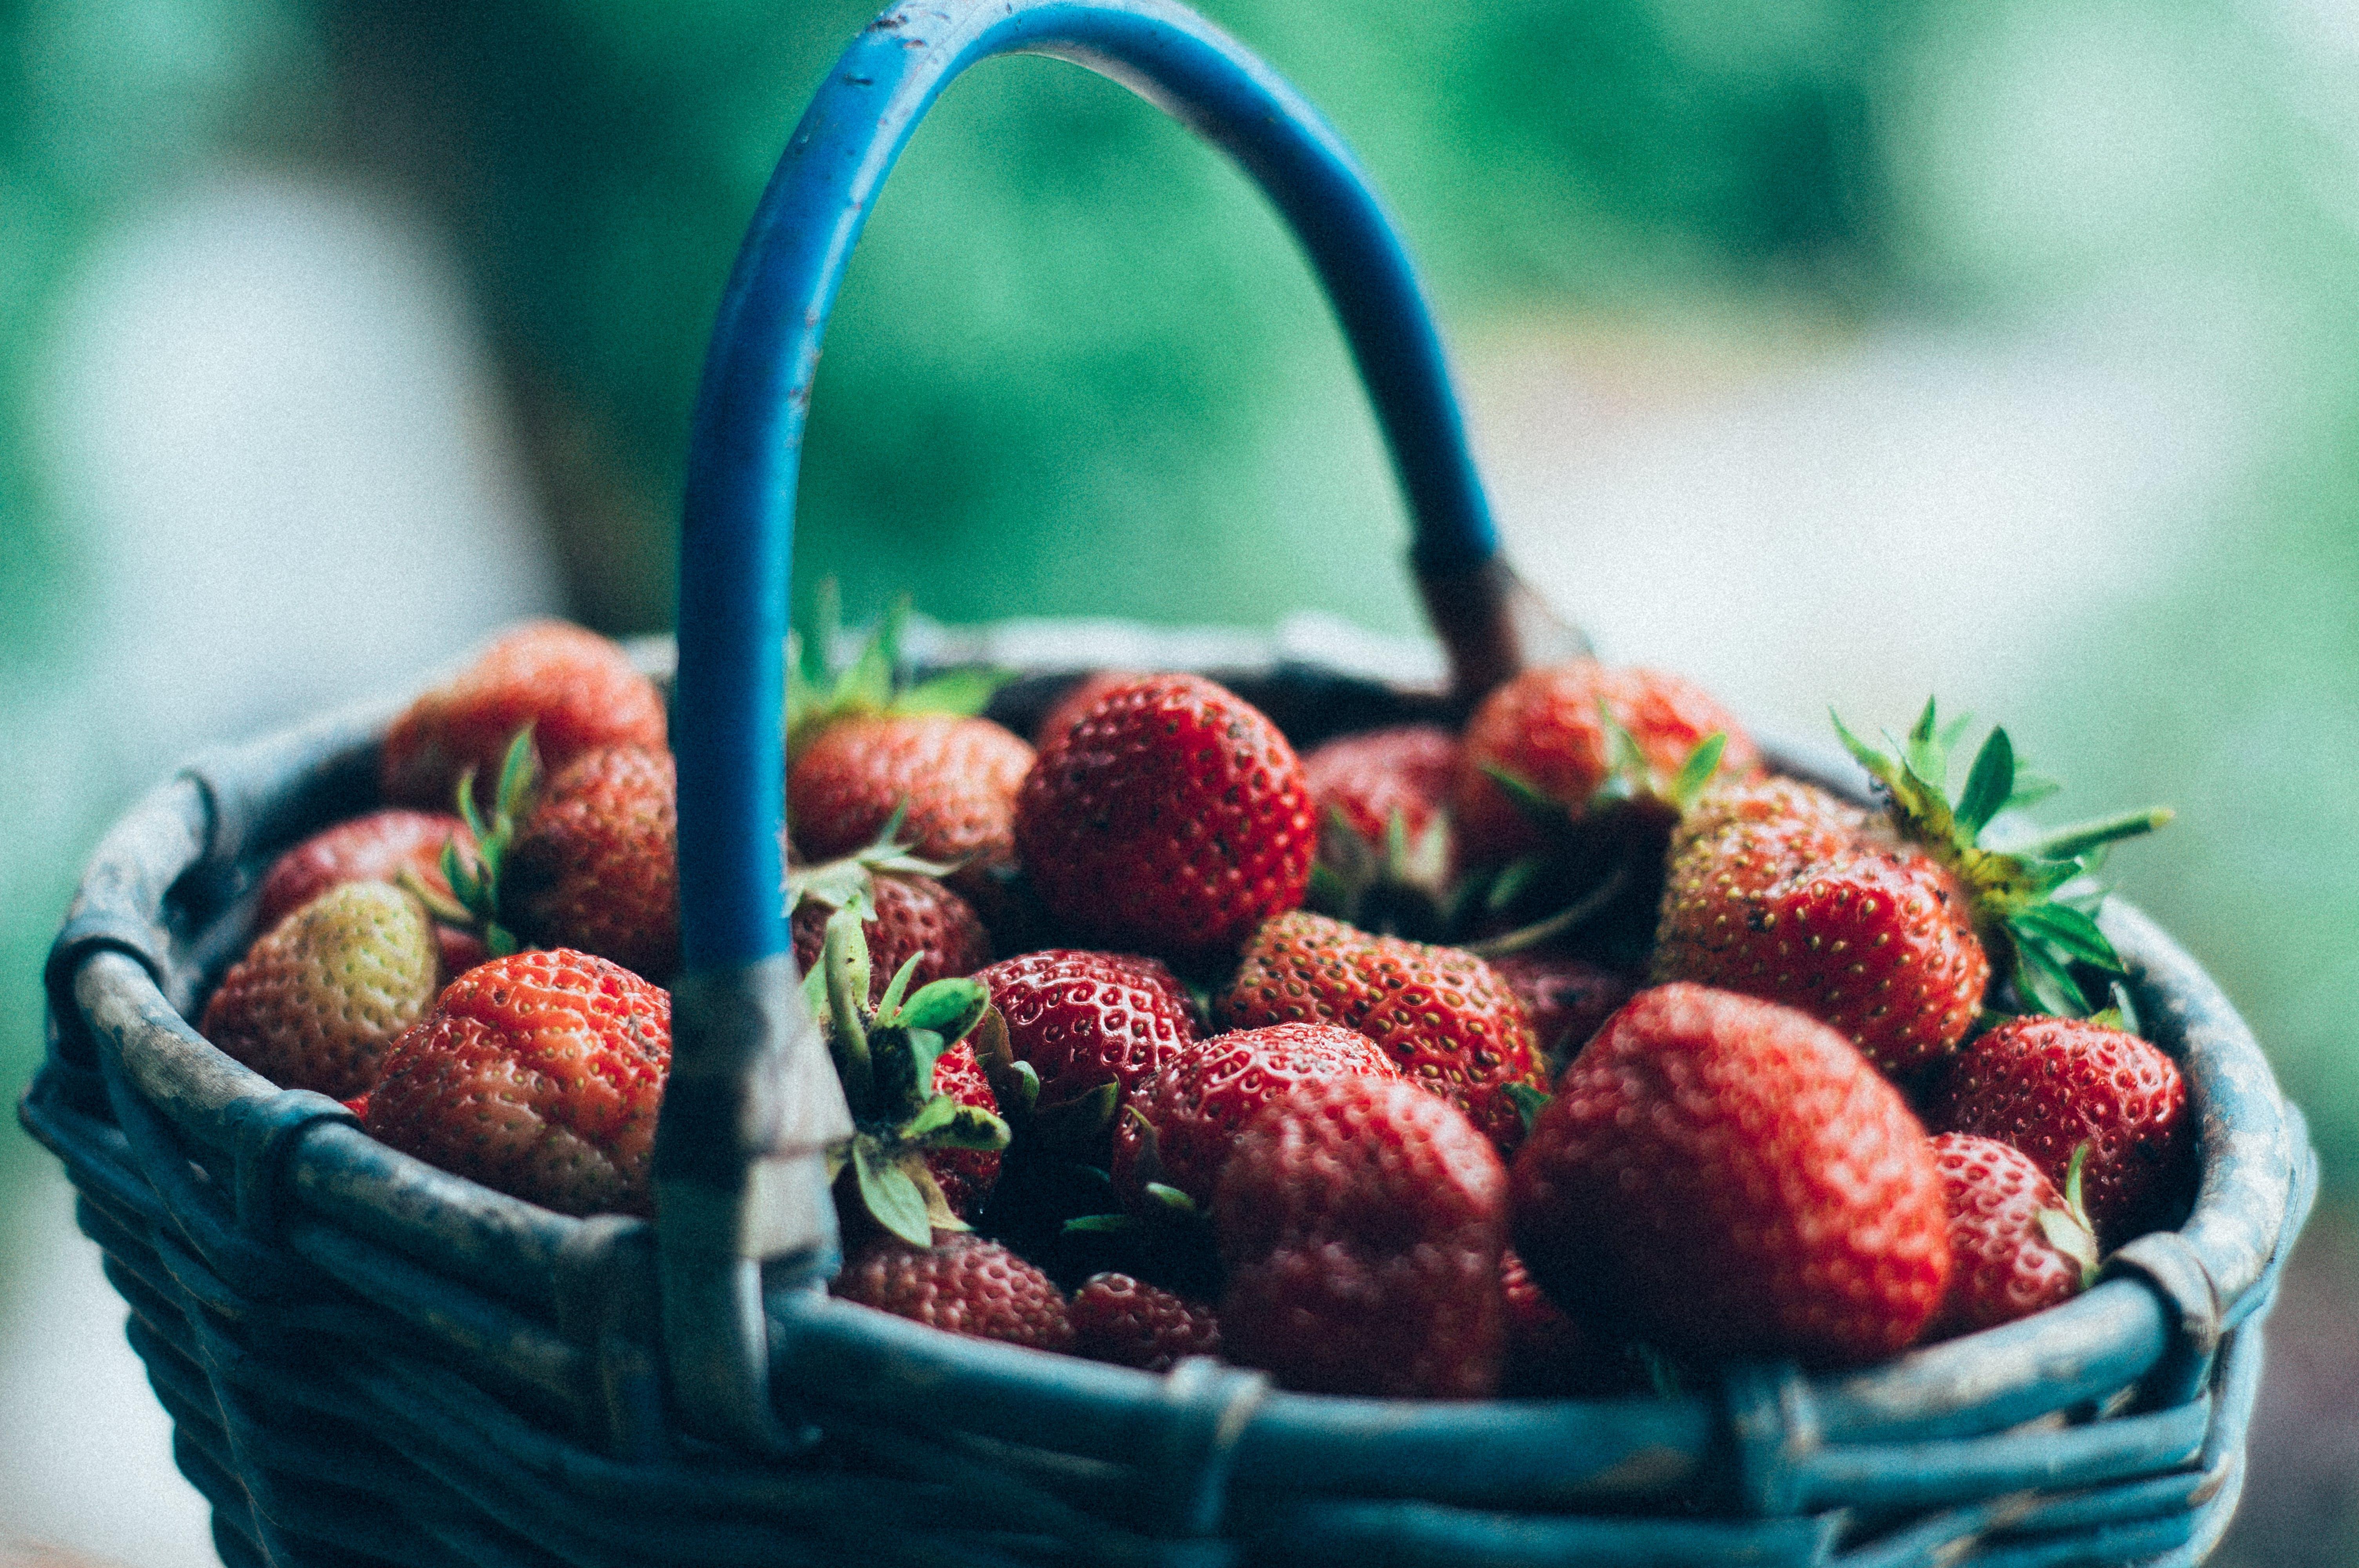 Ingyenes stockfotó 4k-háttérkép, bogyók, élelmiszer, élelmiszer-fotózás témában